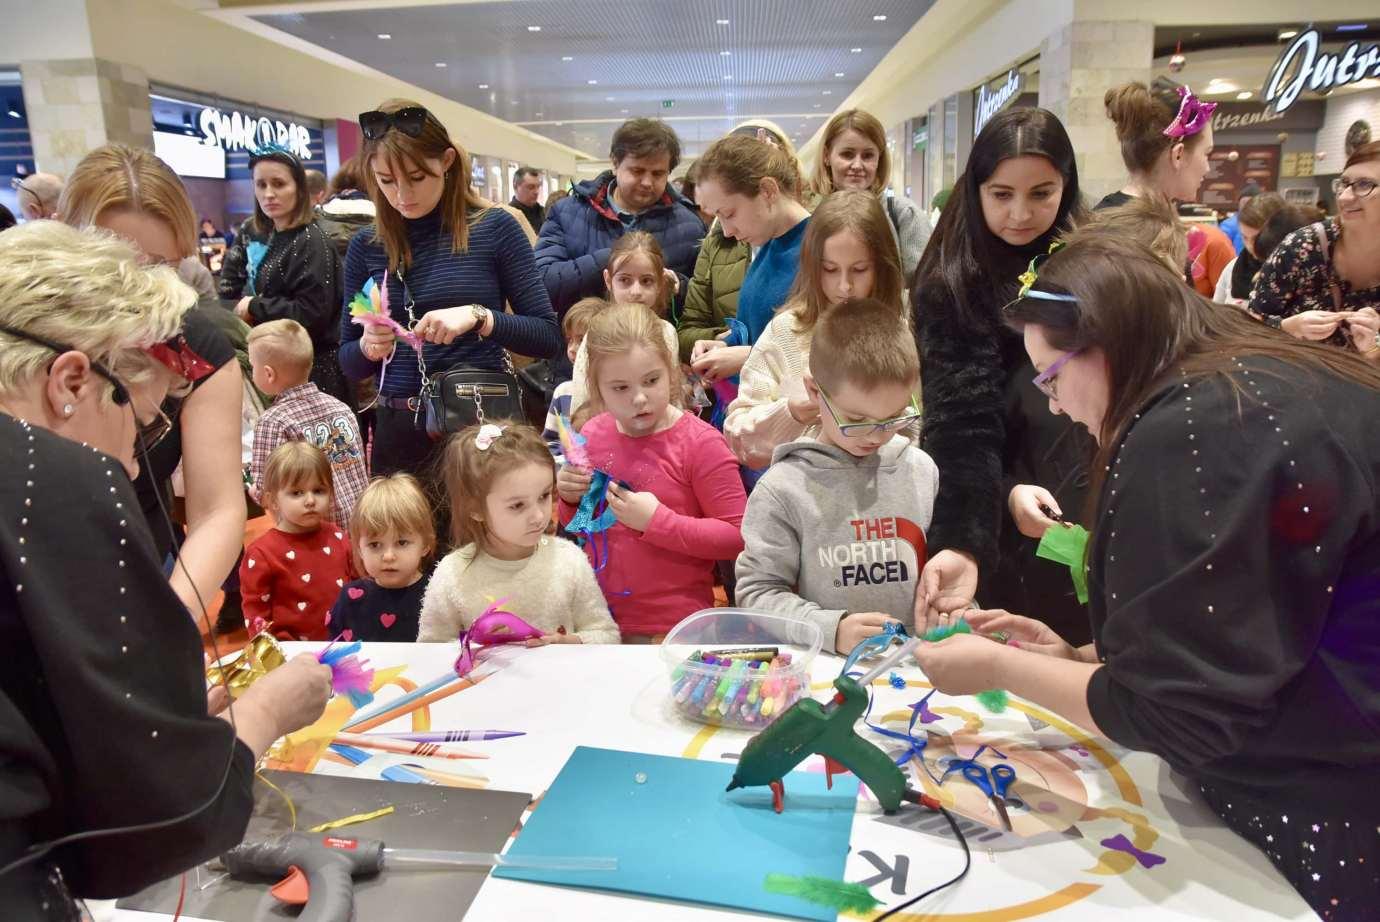 dsc 3946 Zabawa kreatywnych dzieciaków w Galerii Handlowej Twierdza (filmy i zdjęcia)